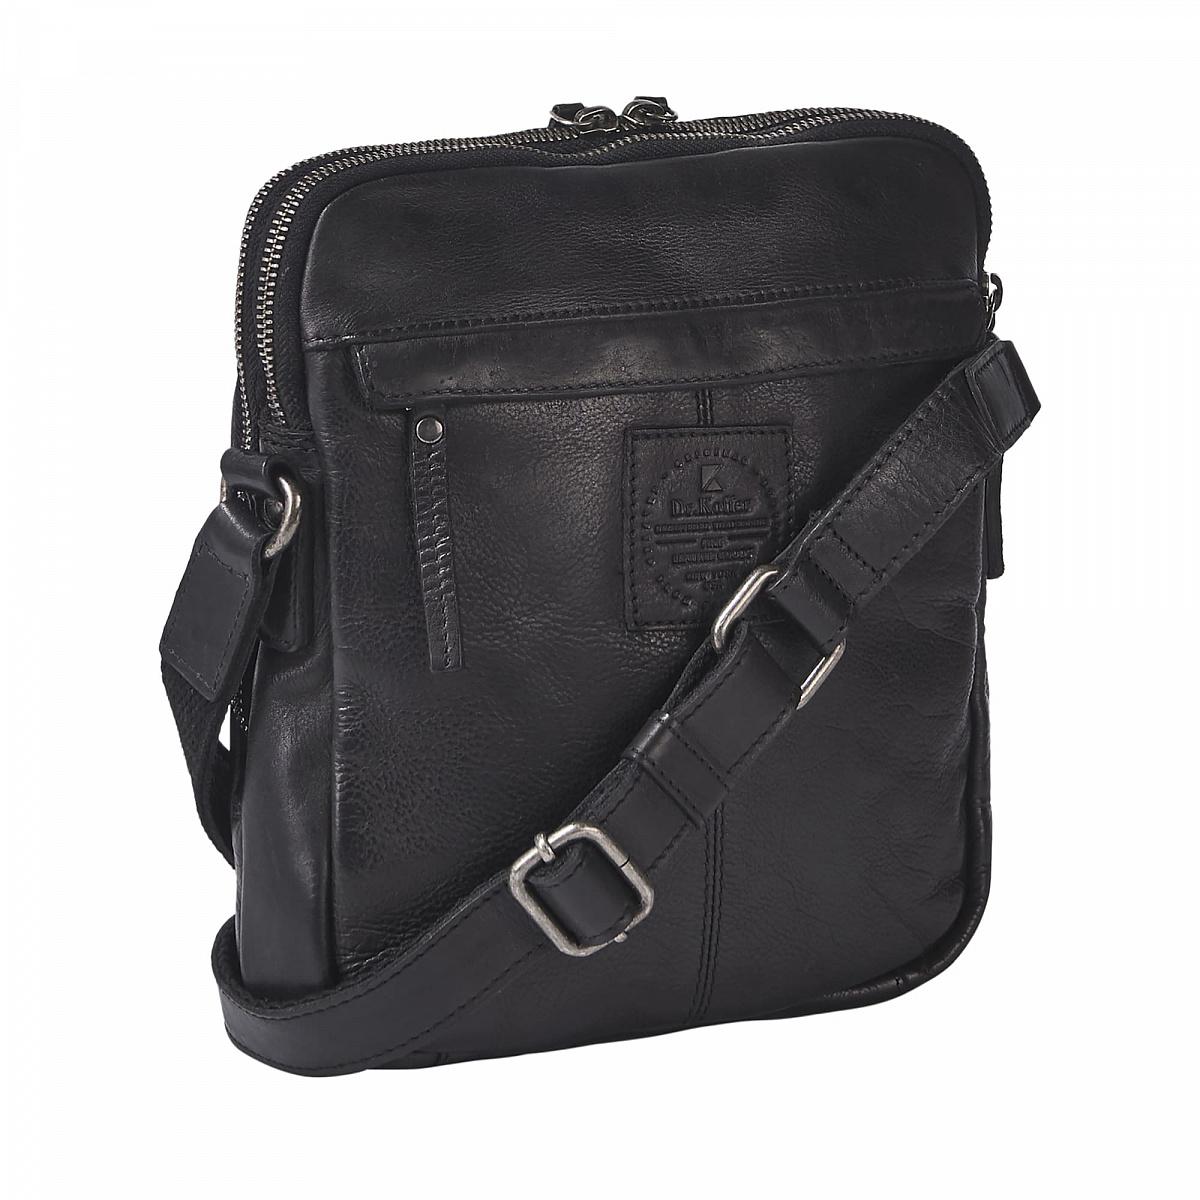 Др. Коффер M402740-249-04 сумка через плечо 27х23х4,5см